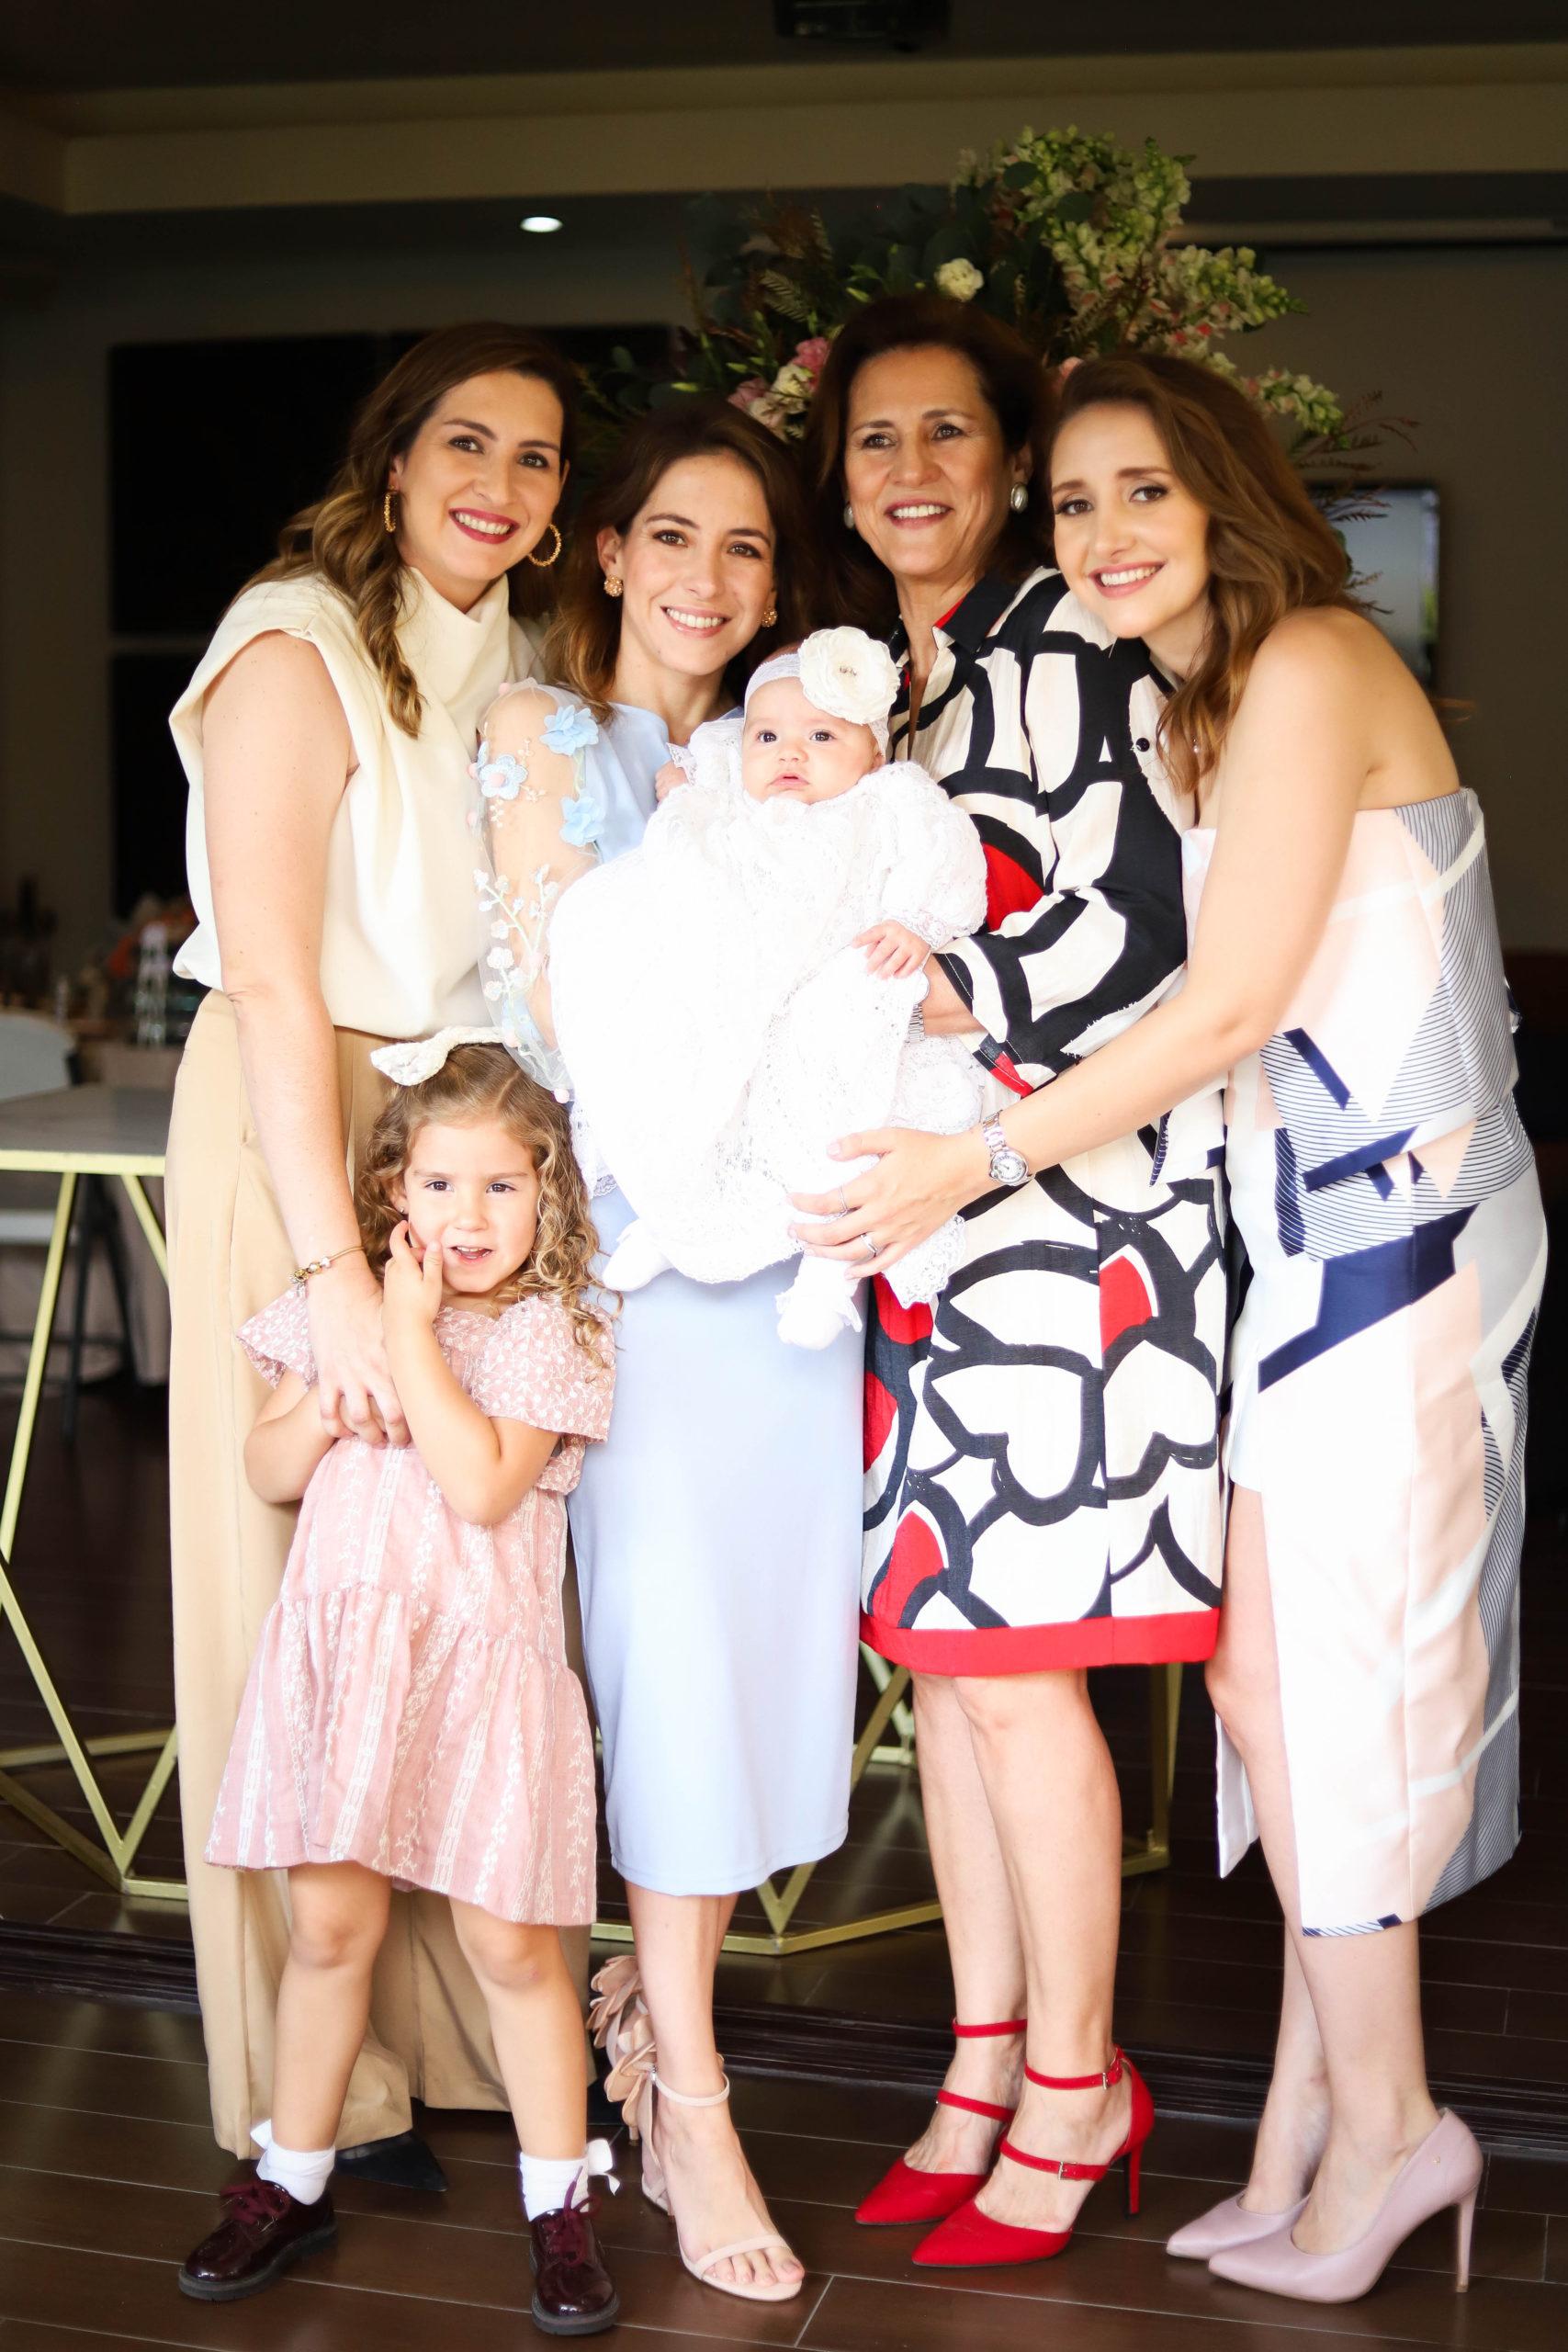 Patty Elizondo, Vero Elizondo, Cordelia Campo, Loretta López, Patty Rodríguez y Lorena Elizondo.